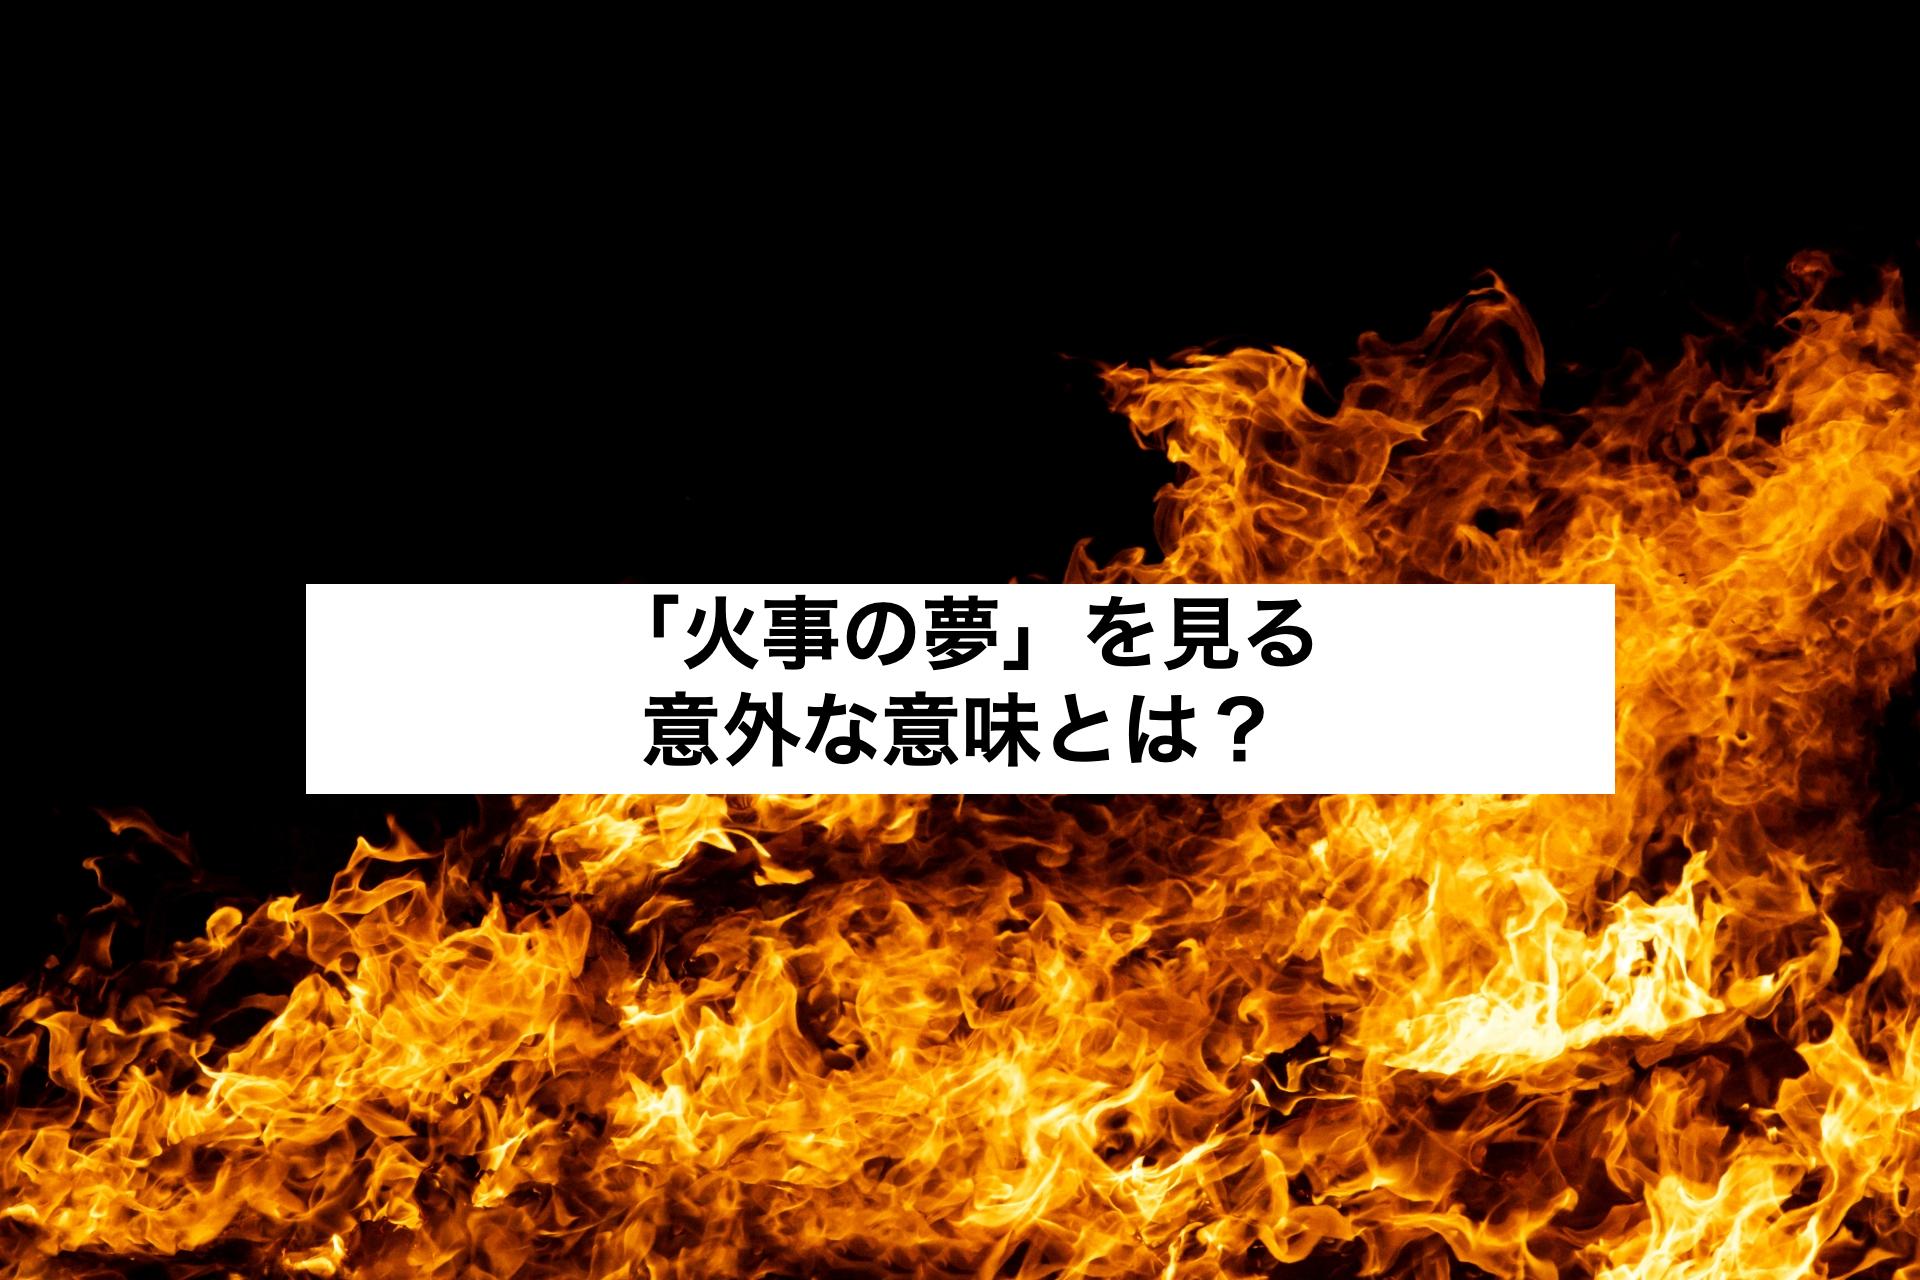 「火事の夢」を見る『意外な意味』とは?燃え方や現場、行動に注目【夢占い】